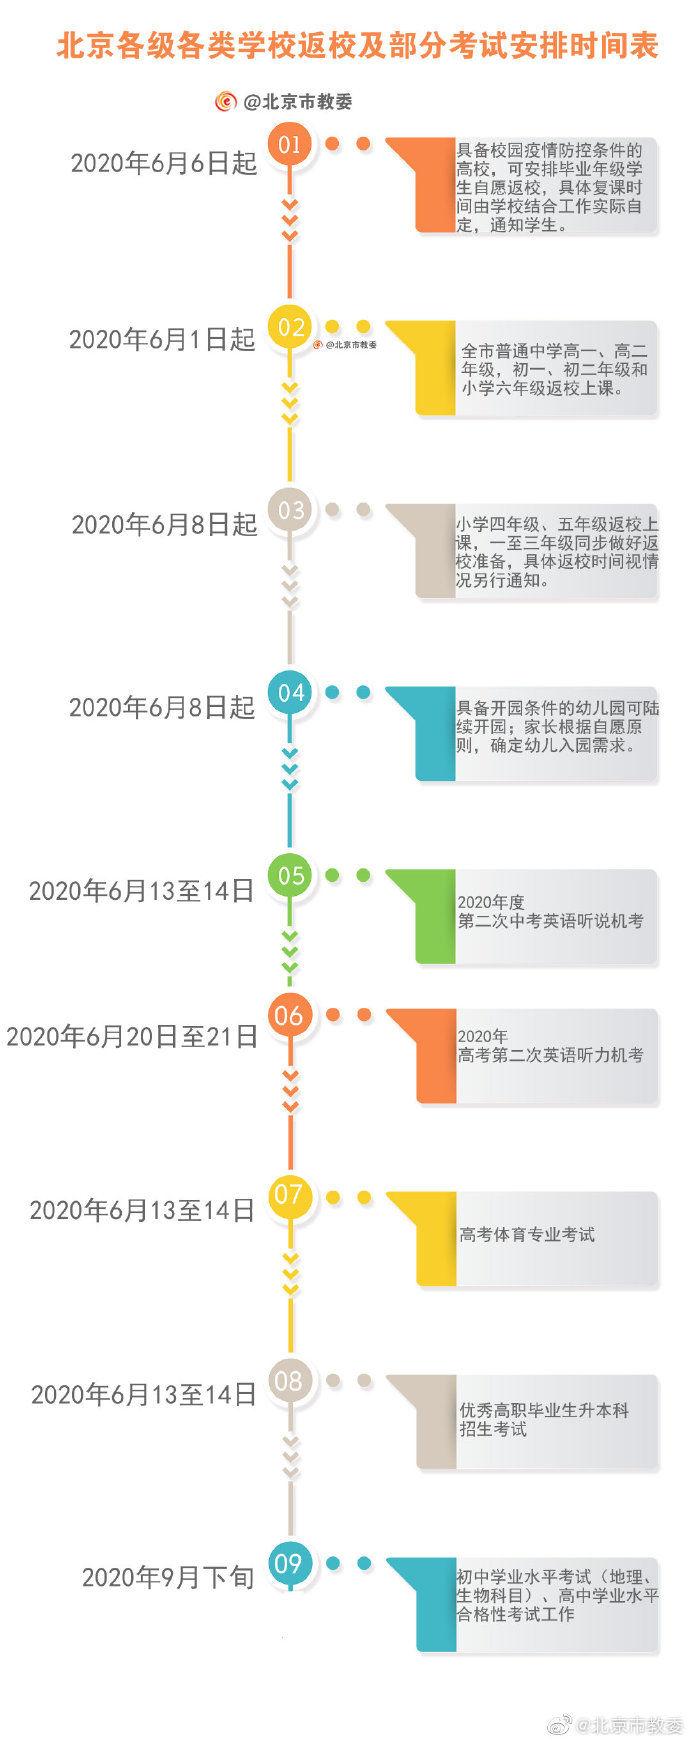 [时间表]北京各级各类学校返校及部分考试安排时间表